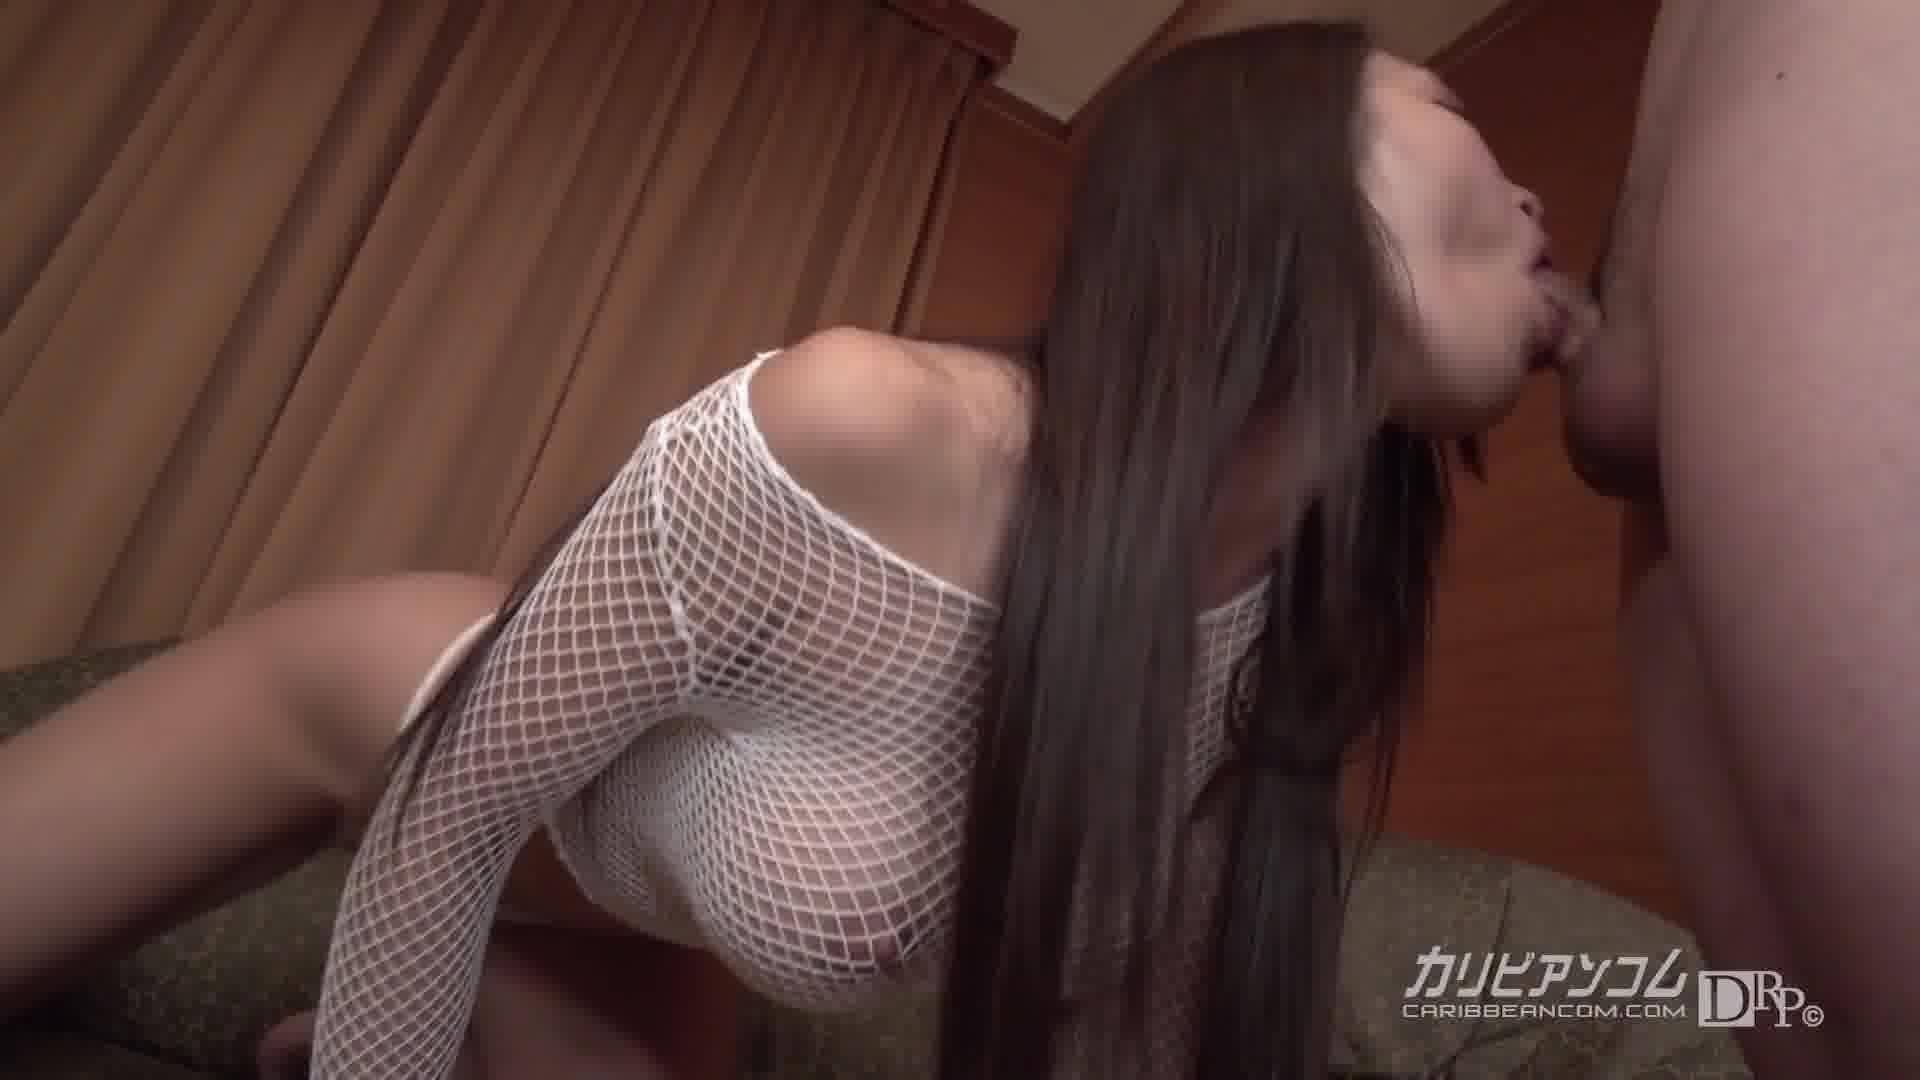 禁断の性交舞踊 - 小早川怜子【痴女・巨乳・初裏】